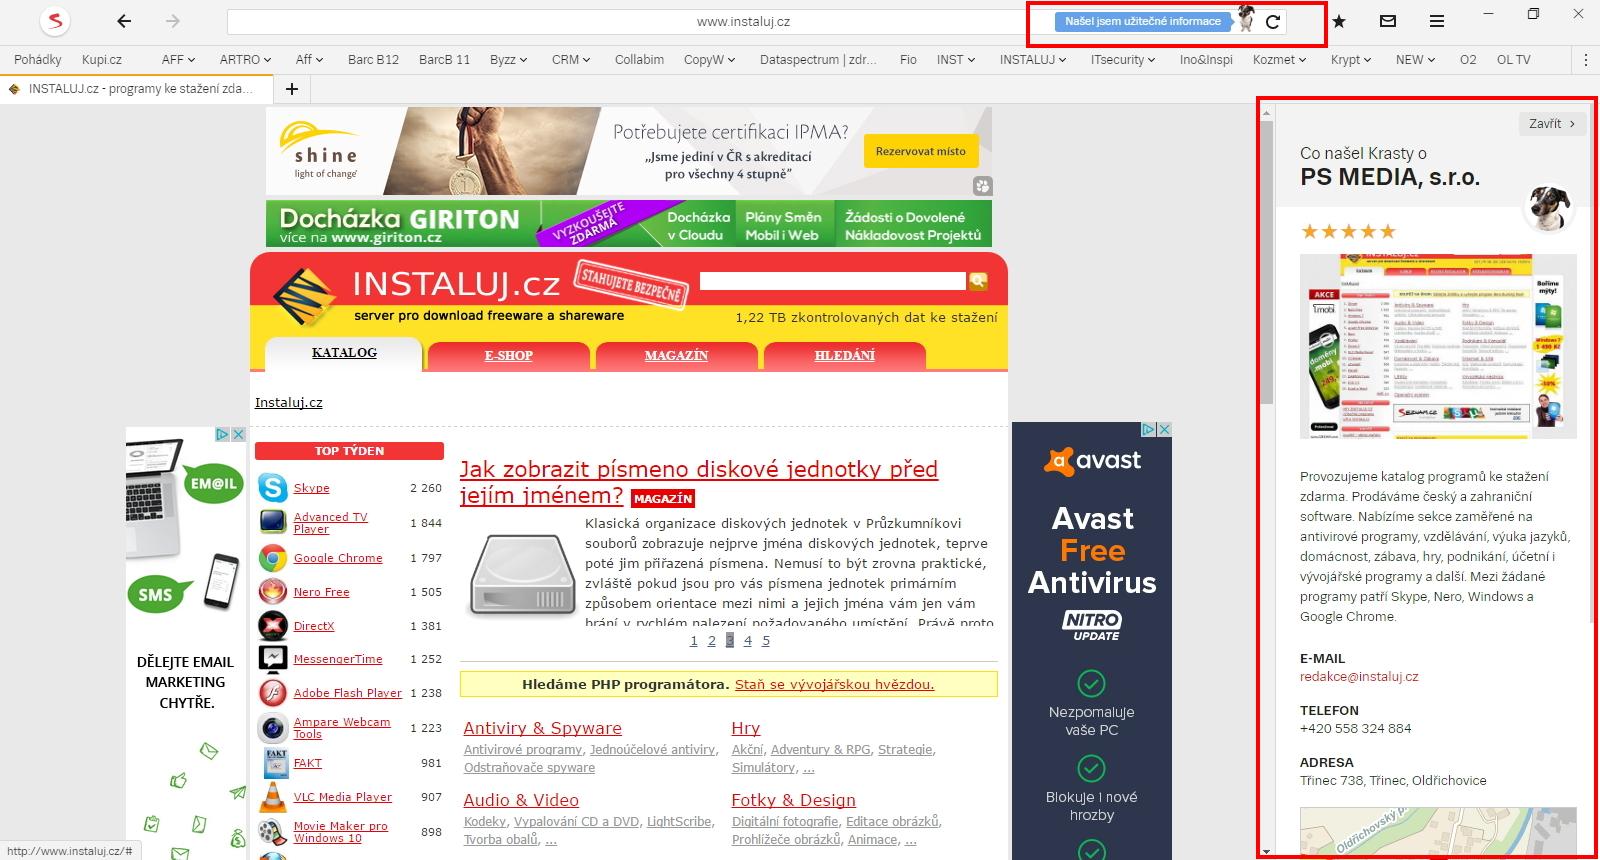 Pejsek Krasty rovnou servíruje podstatné informace daného webu - kontakty, souvislosti, překlady...